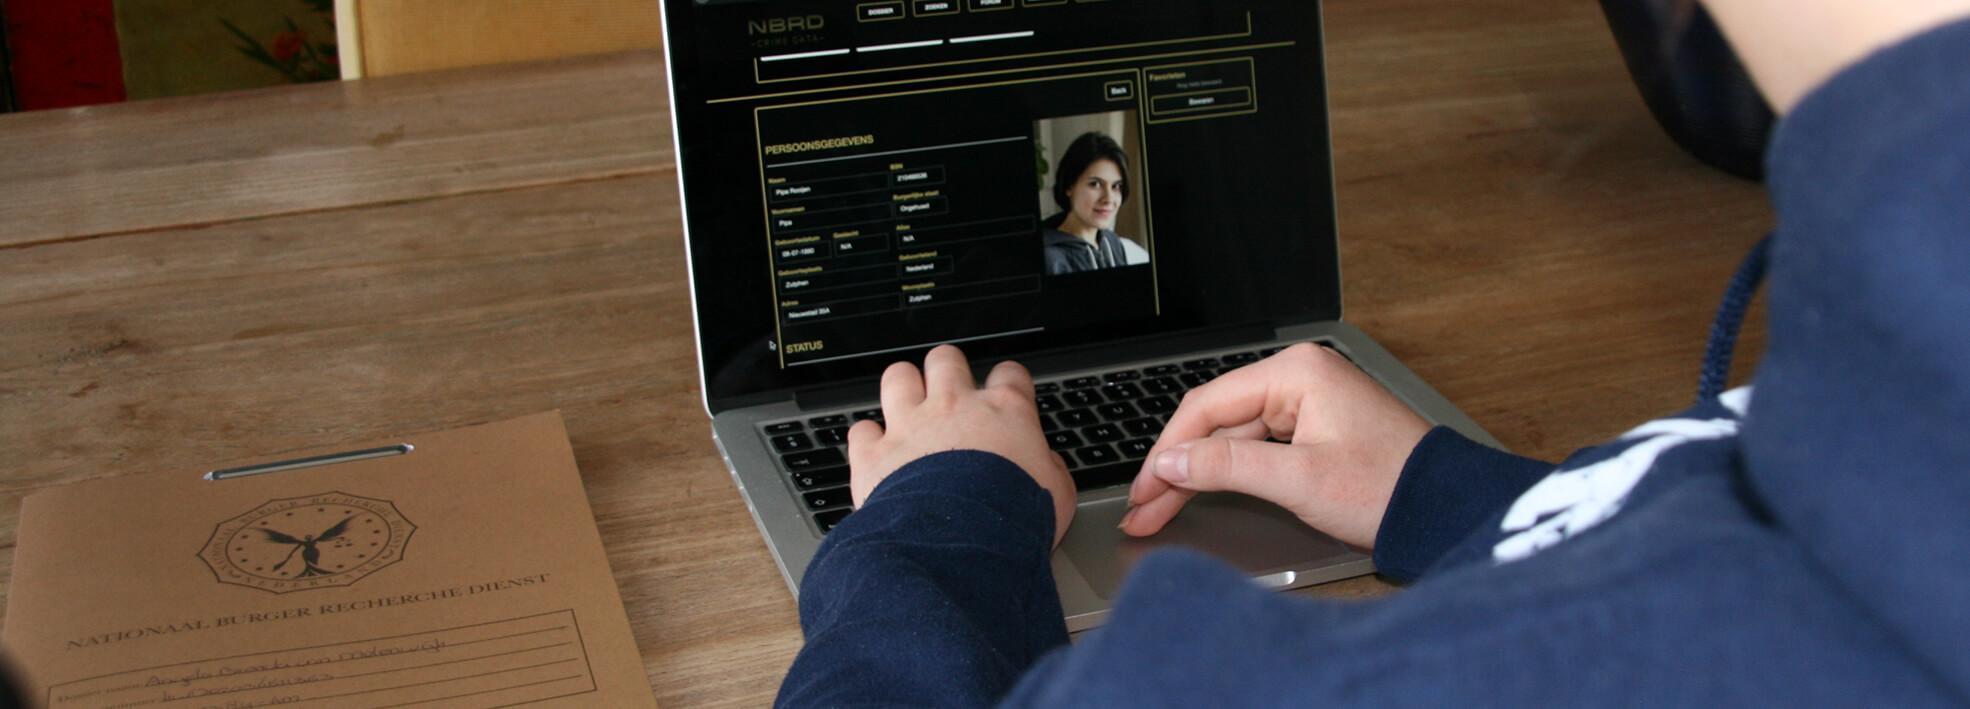 Realistische politiedossiers voor een online moordspel